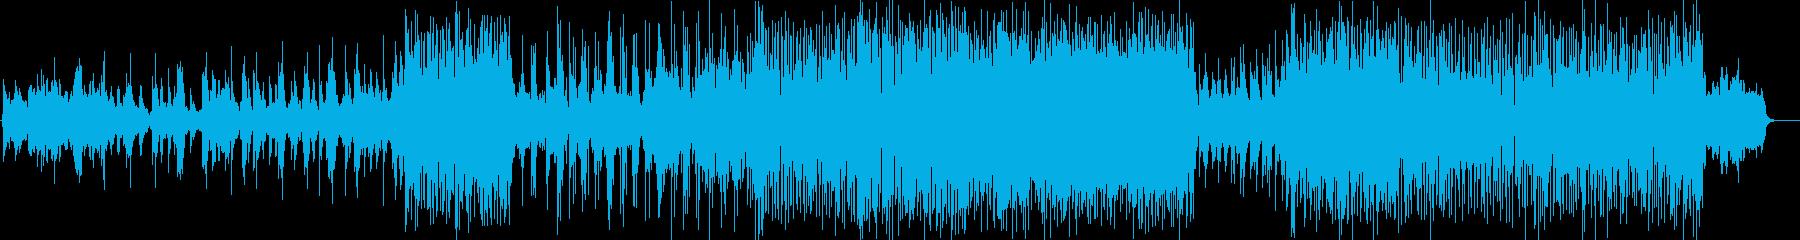 彩りと深みを添えたテクニカルなピアノの再生済みの波形